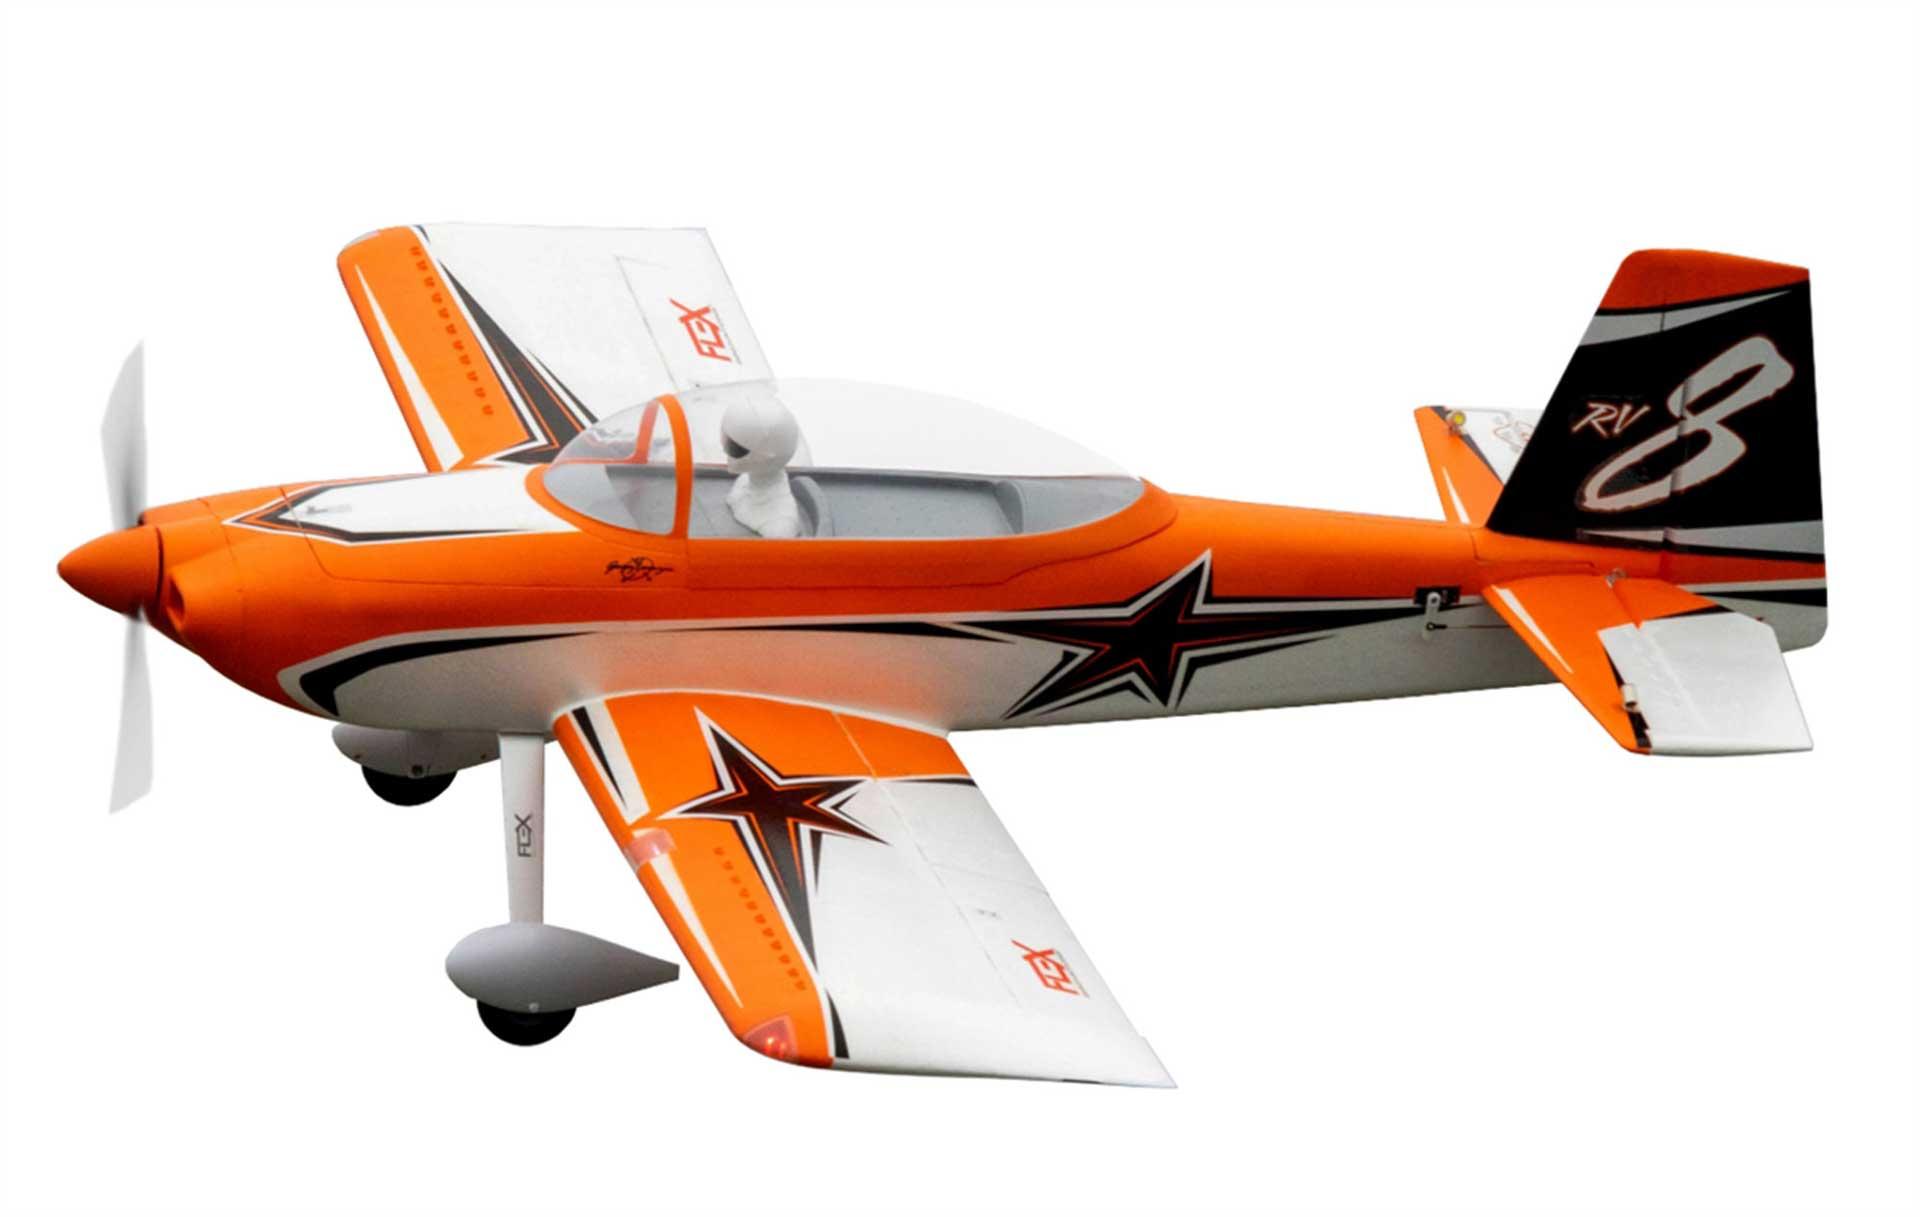 PREMIER AIRCRAFT RV-8 SUPER PNP NIGHT ORANGE MIT AURA 8 UND NACHTFLUGBELEUCHTUNG